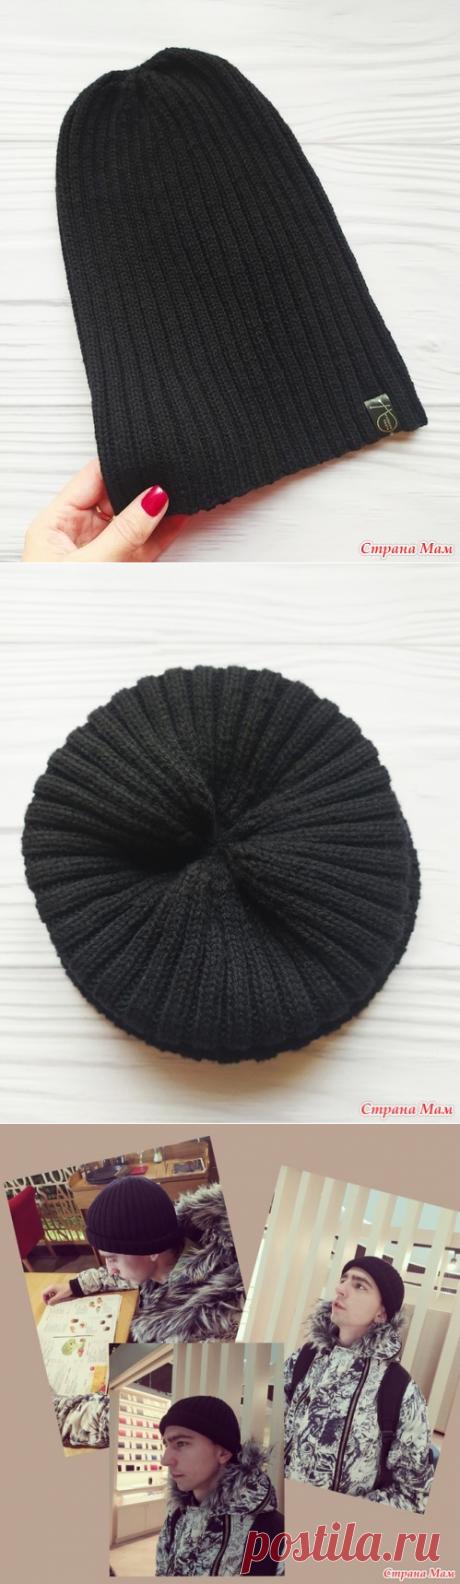 Модная мужская шапка спицами. Шапка хипстера. Шапка бини - Вязание - Страна Мам